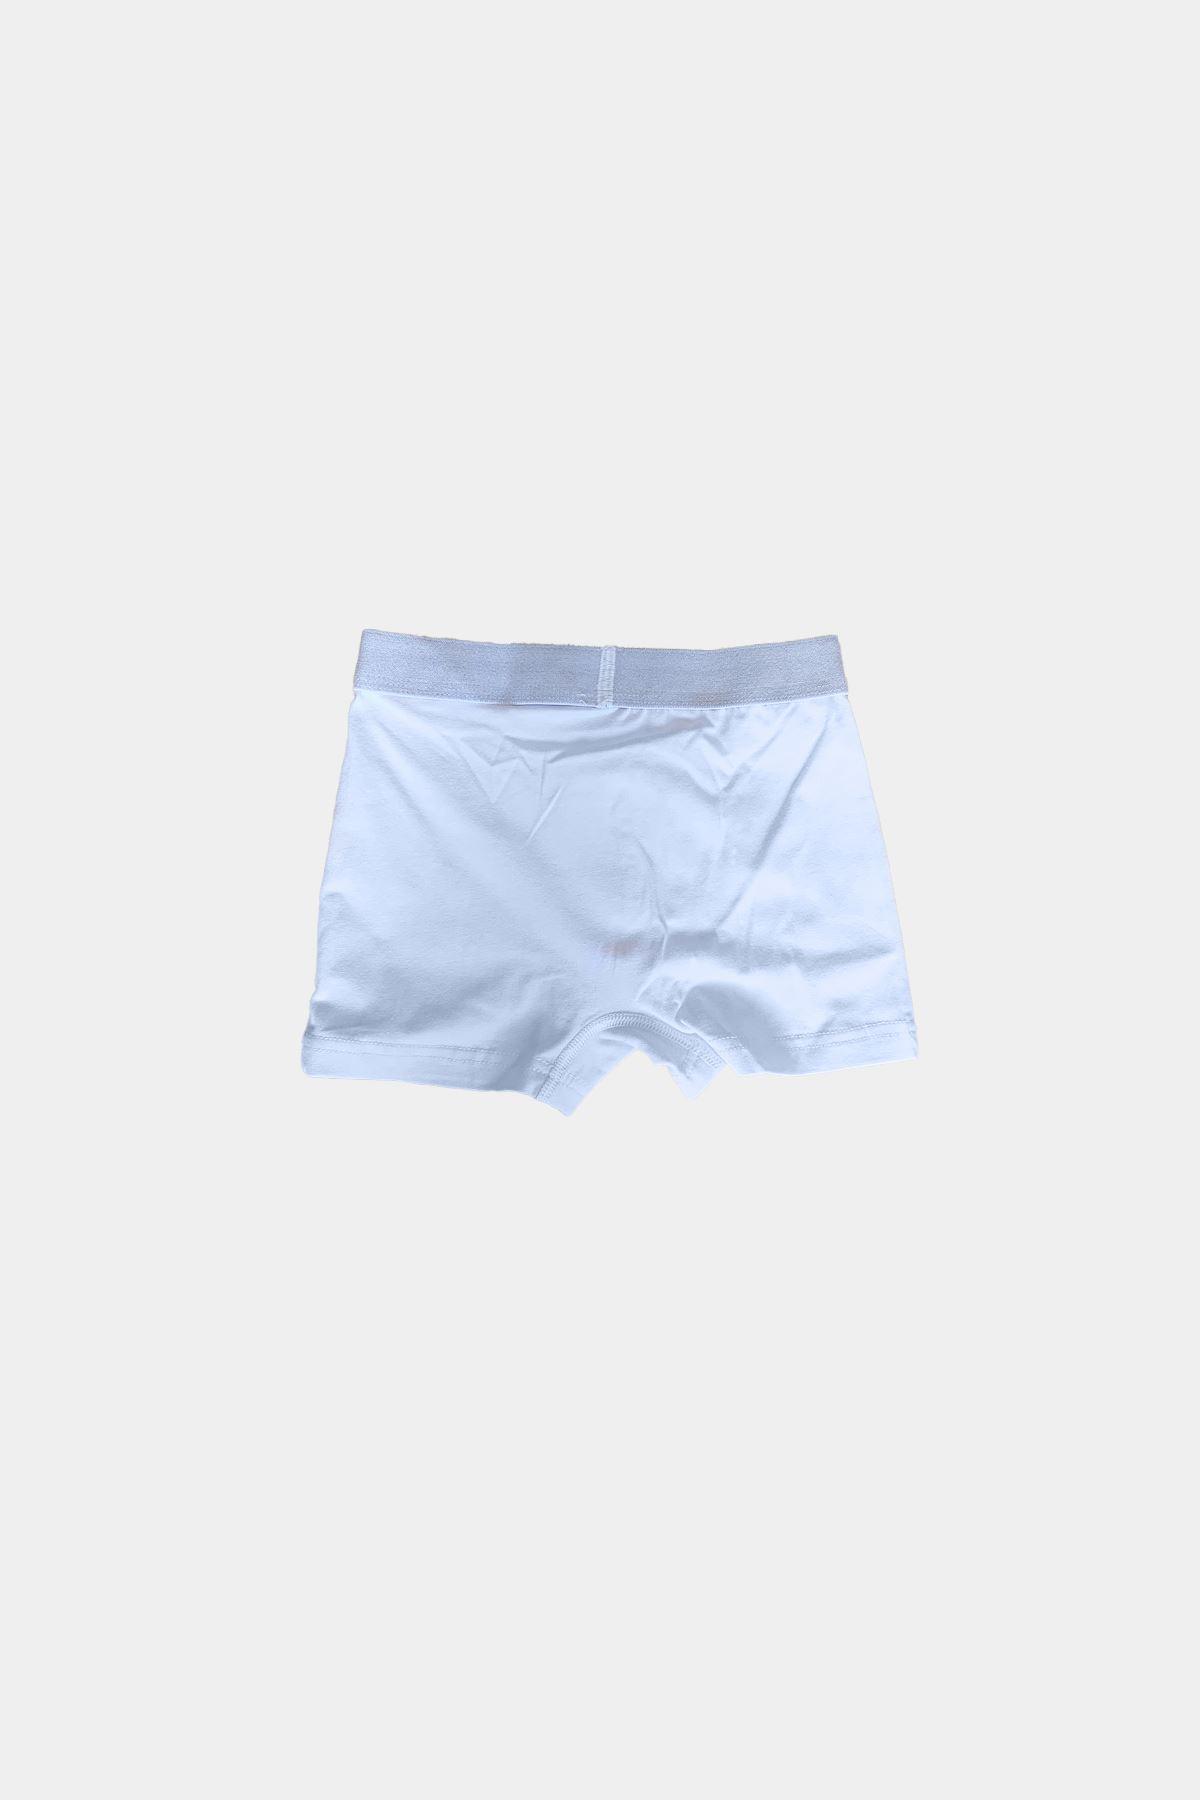 Beyaz Erkek Çocuk Pamuklu Boxer 208